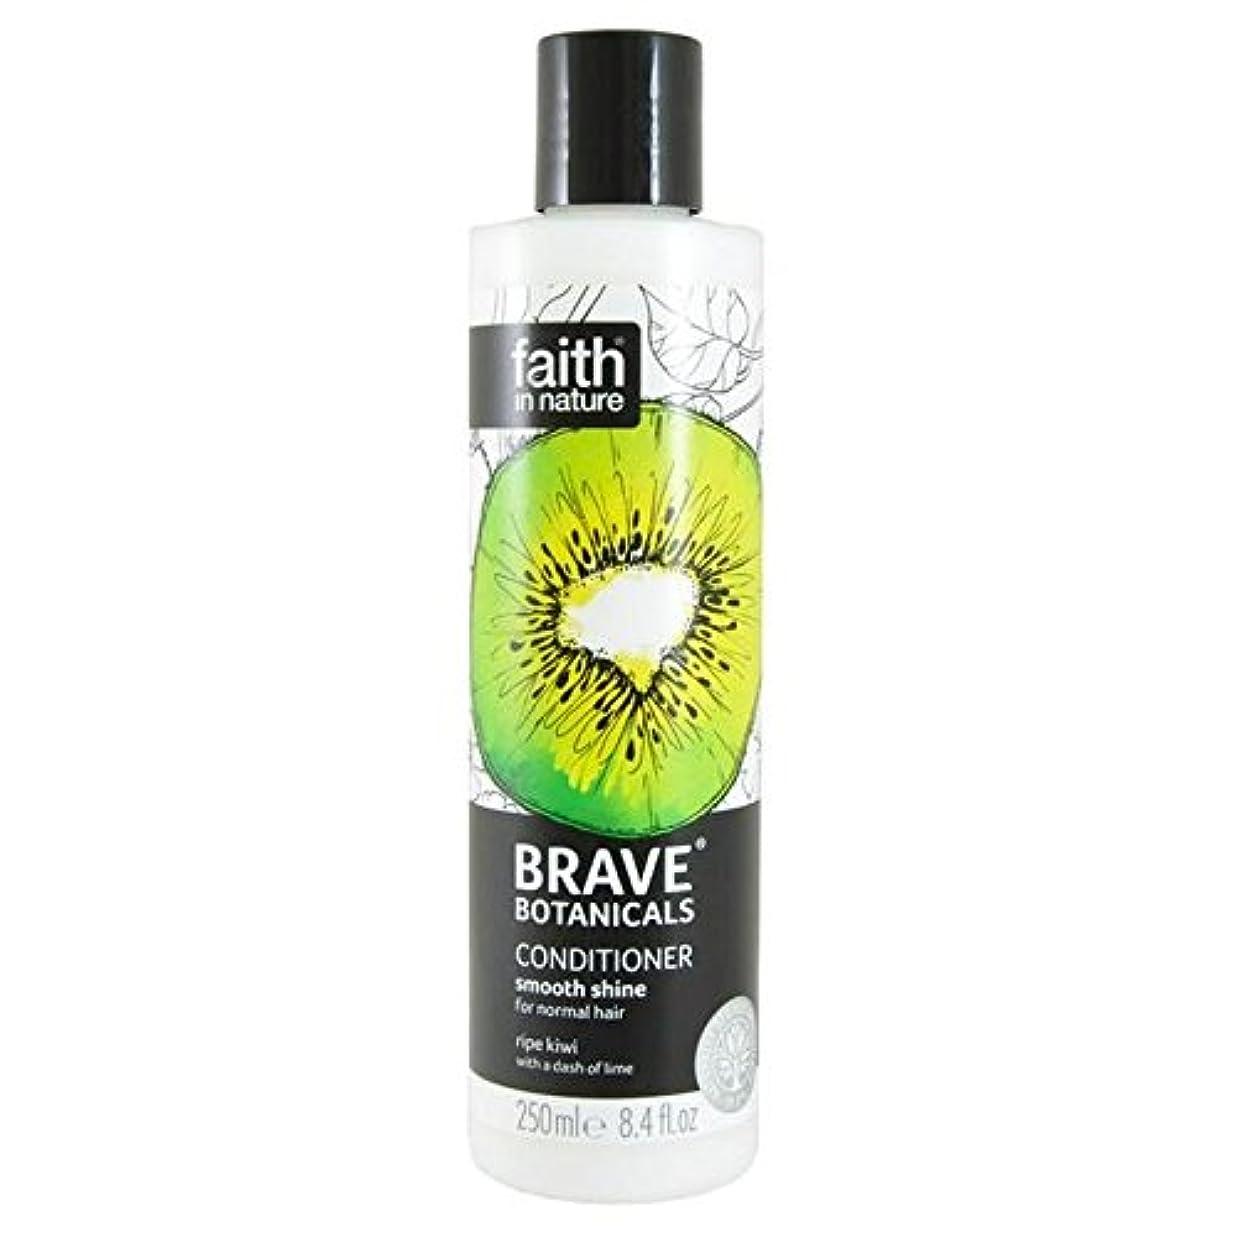 カウント九モンキーBrave Botanicals Kiwi & Lime Smooth Shine Conditioner 250ml (Pack of 4) - (Faith In Nature) 勇敢な植物キウイ&ライムなめらかな輝...